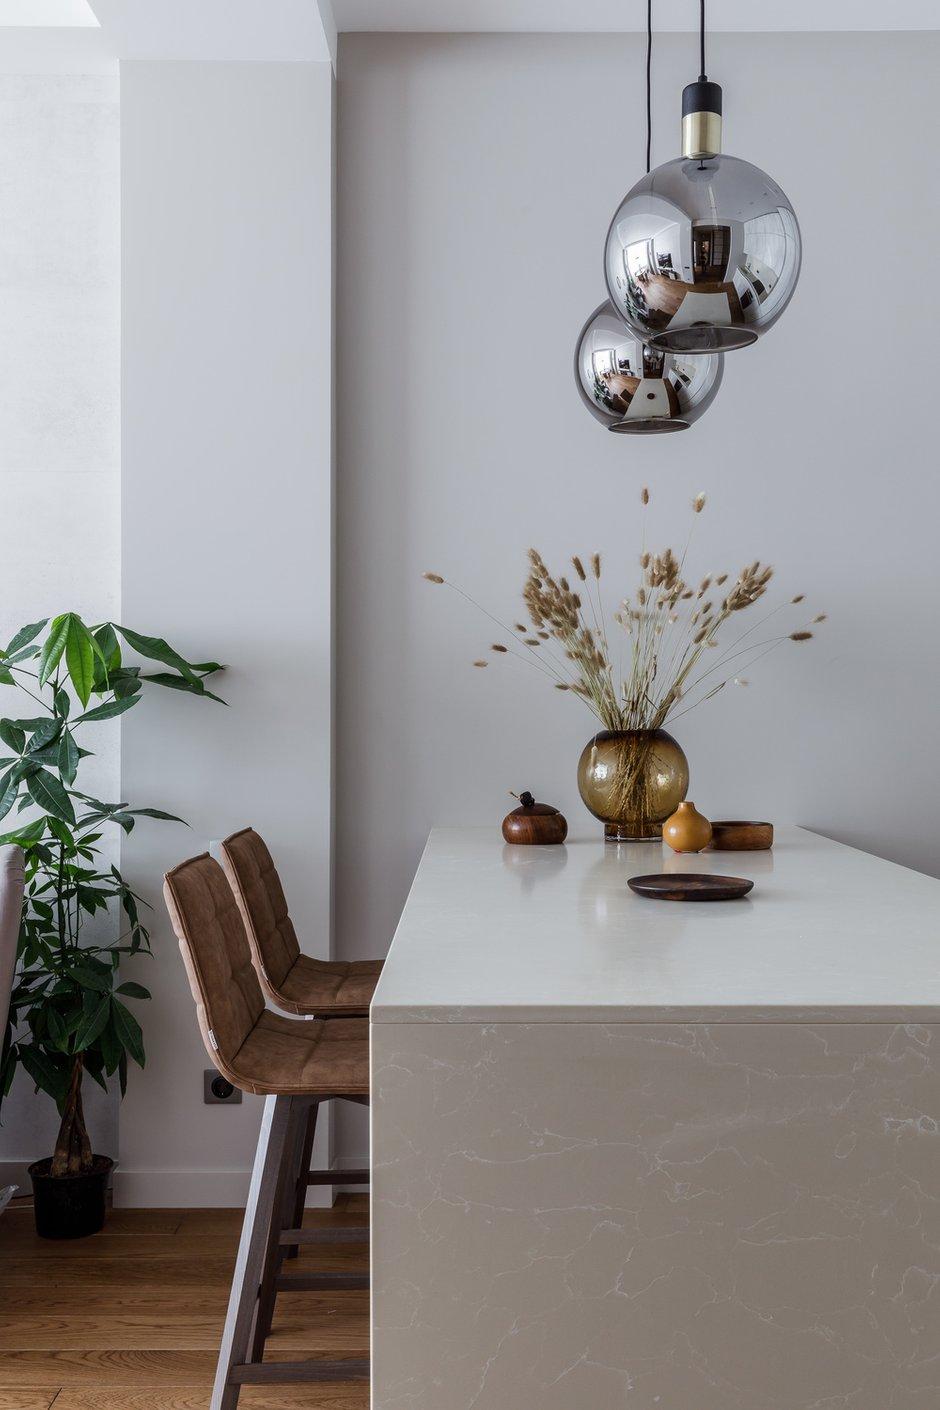 Фотография: Кухня и столовая в стиле Современный, Квартира, Проект недели, Москва, 3 комнаты, 60-90 метров, Мариям Тагиева – фото на INMYROOM